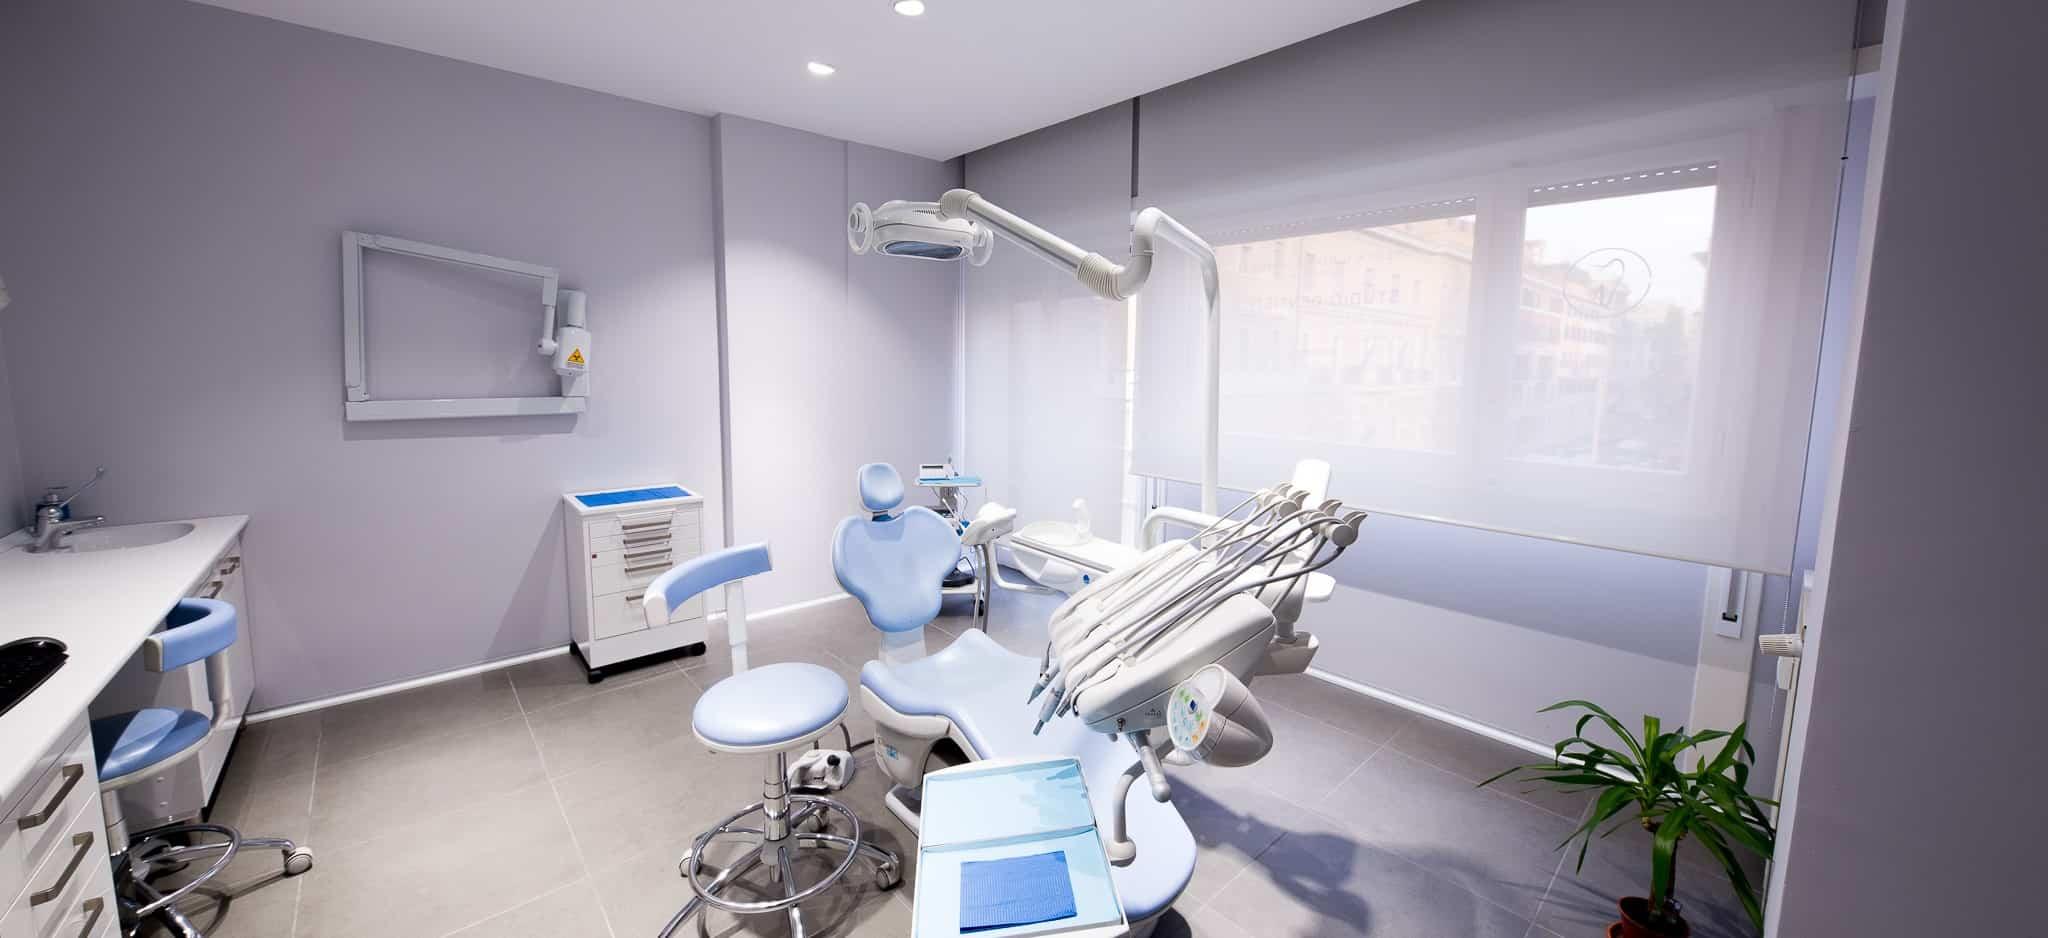 Il nostro studio a roma prati clinica per la cura dei denti for Affittasi studio roma prati